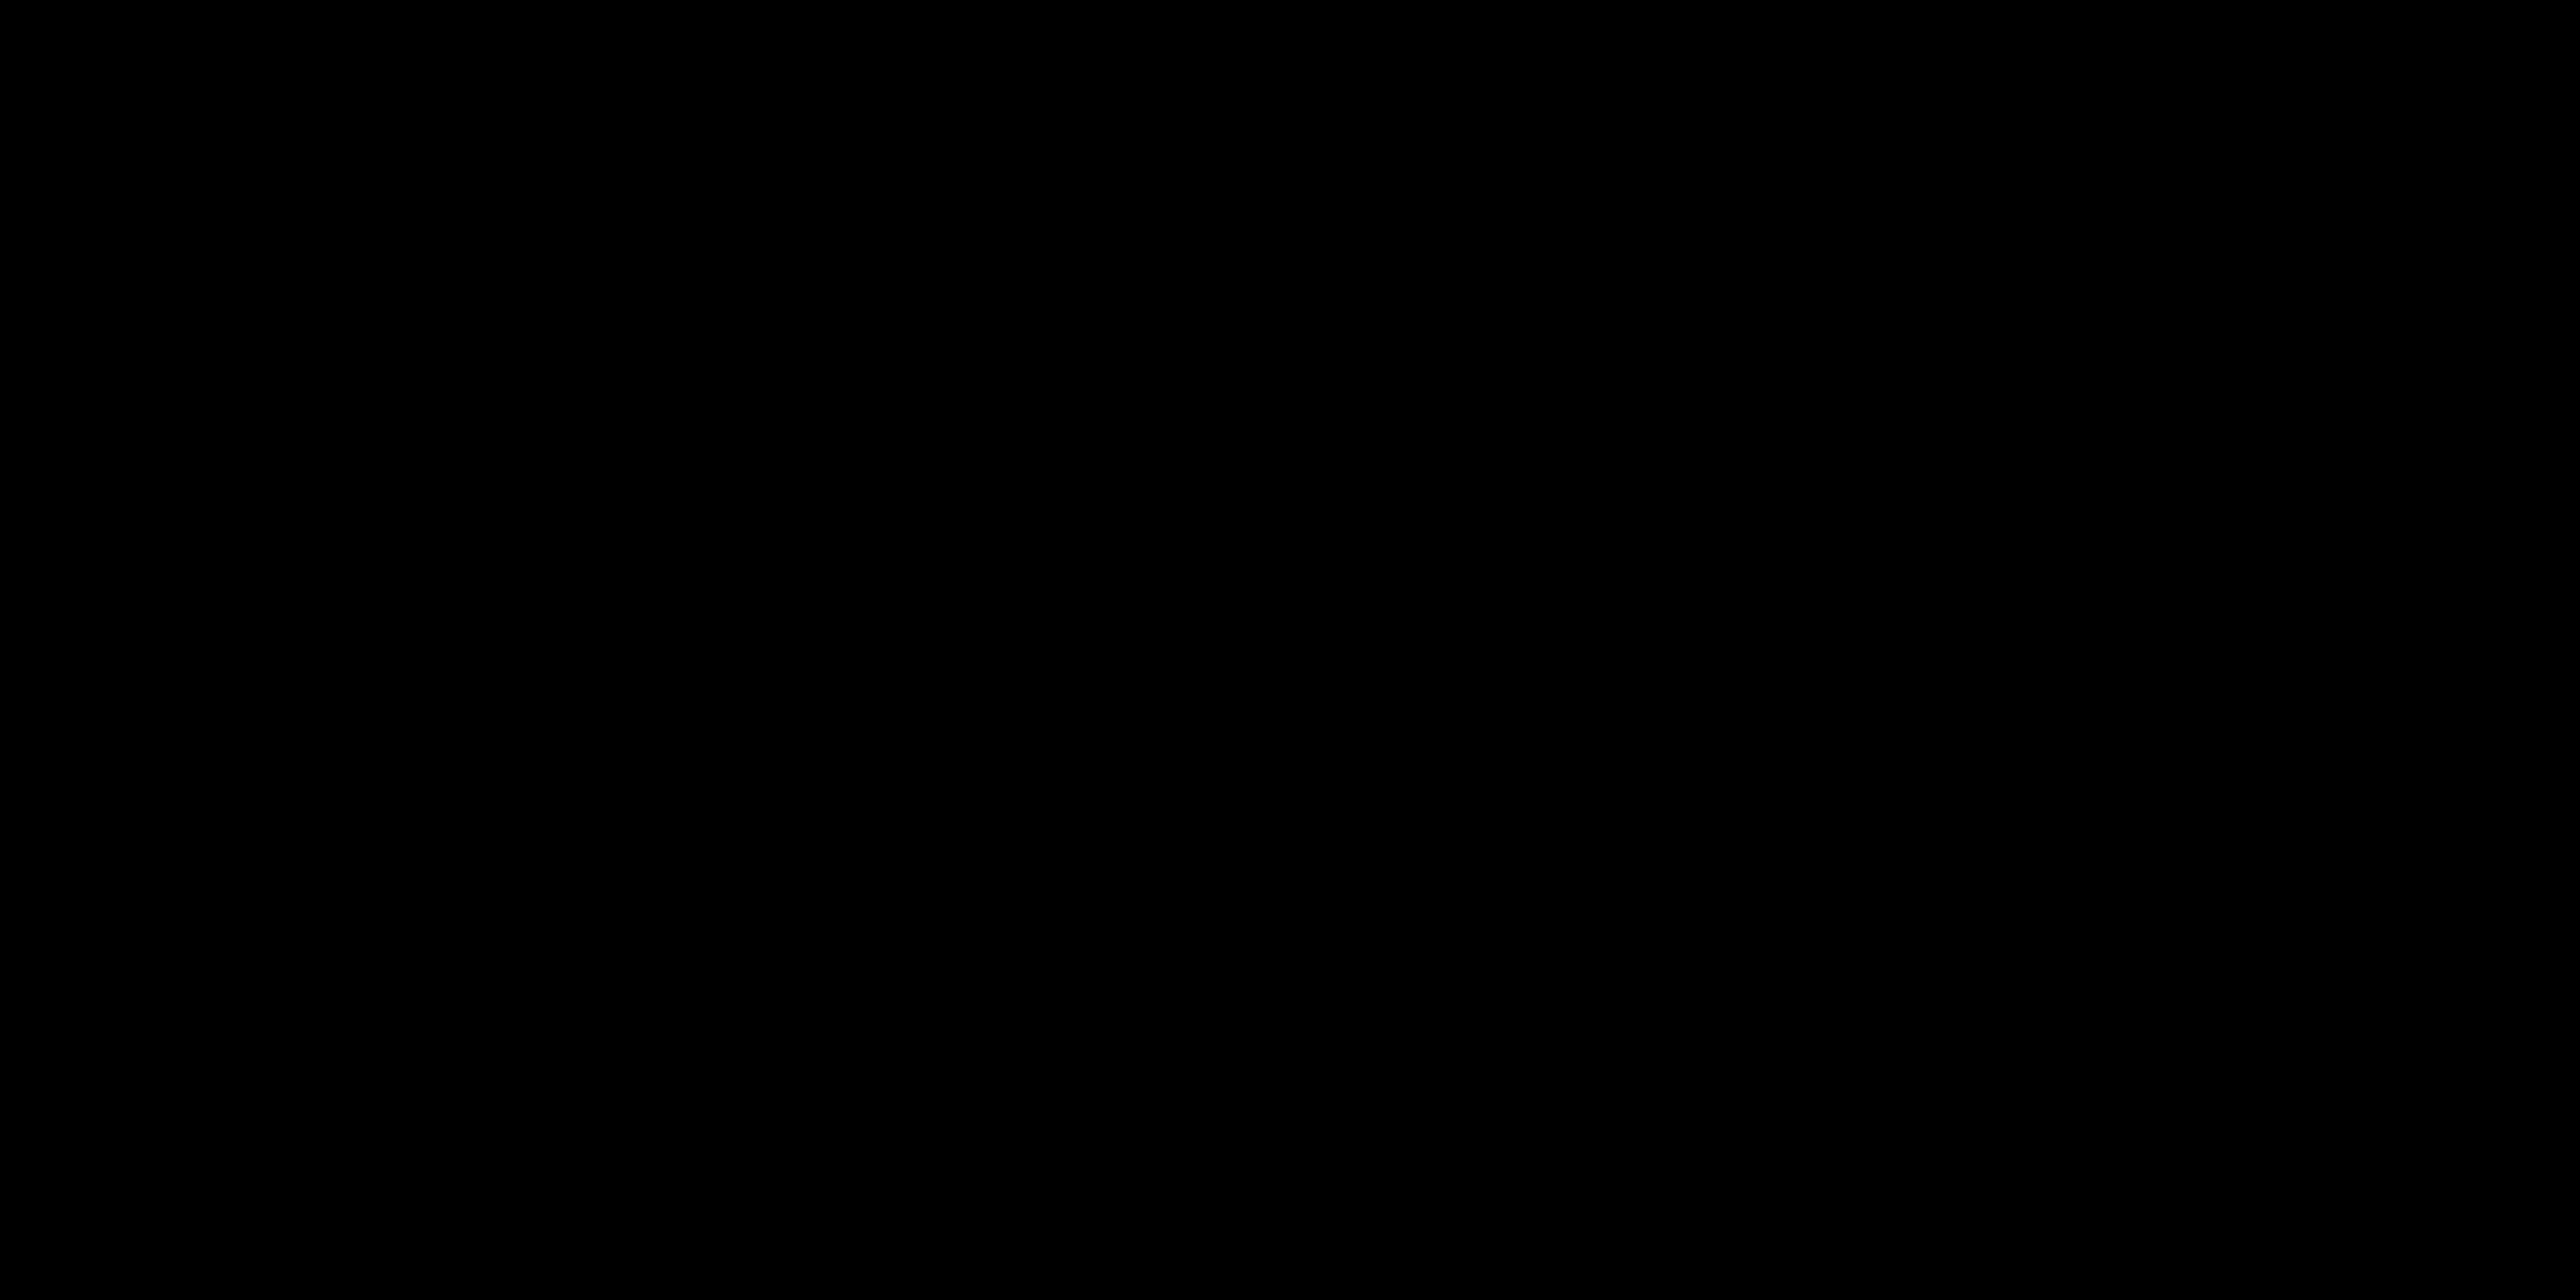 Curacao sites